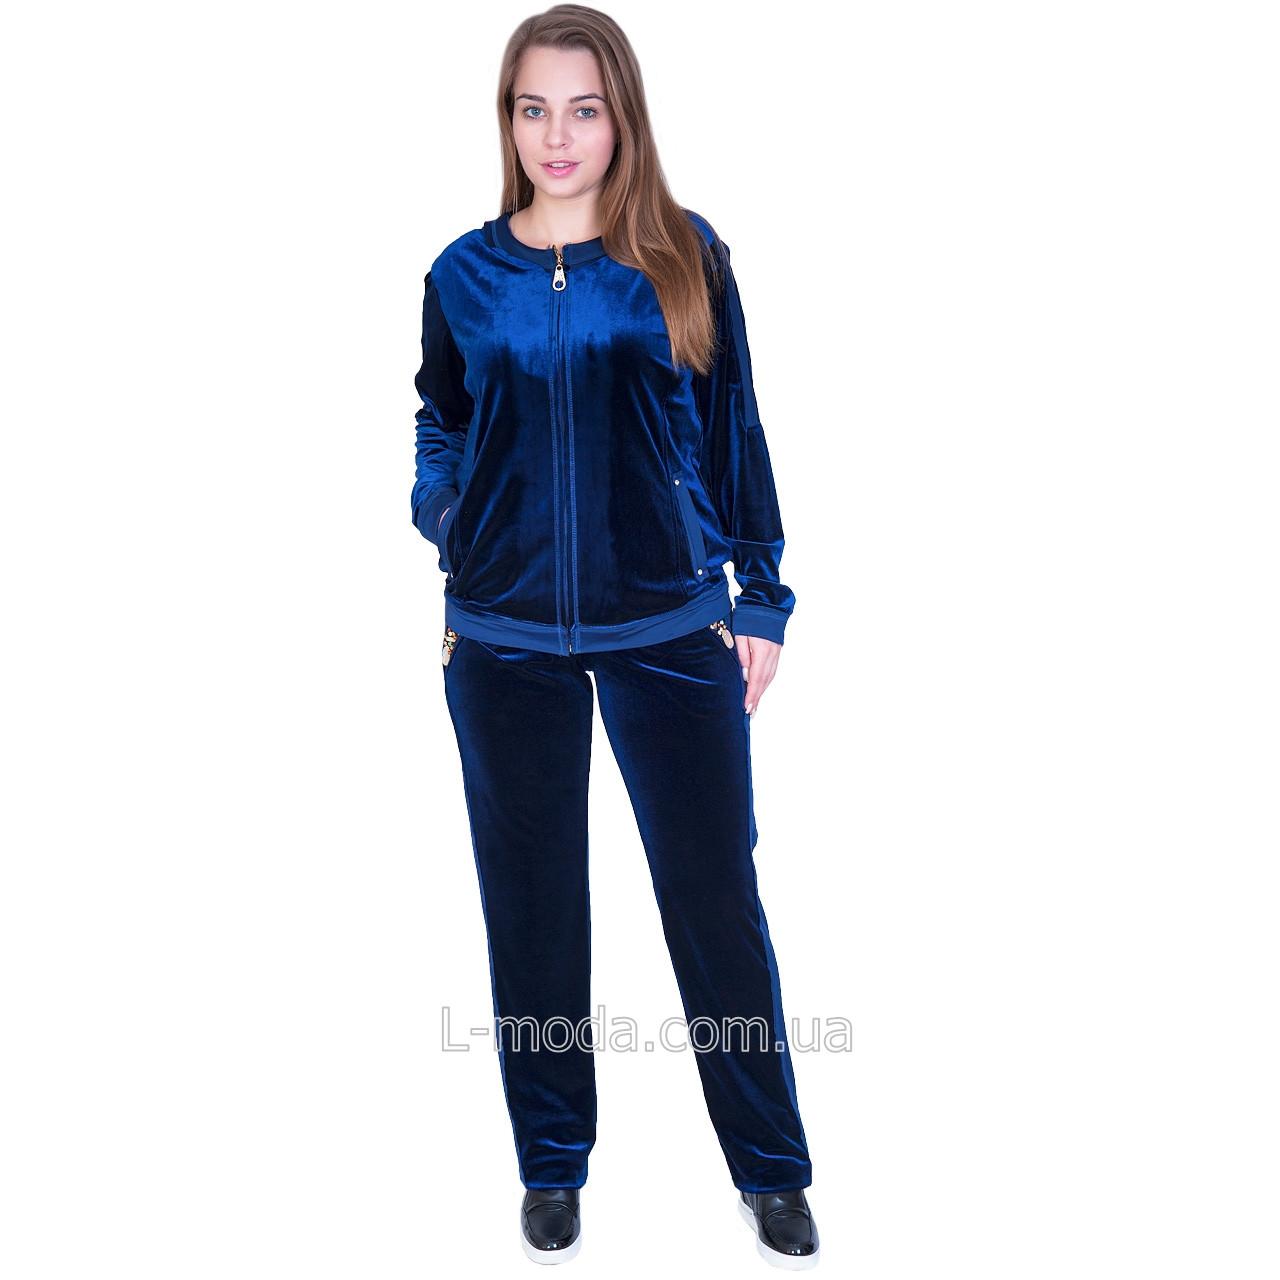 c7b762d501f Спортивный костюм велюровый женский синий с камнями - L MODA магазин женской  одежды